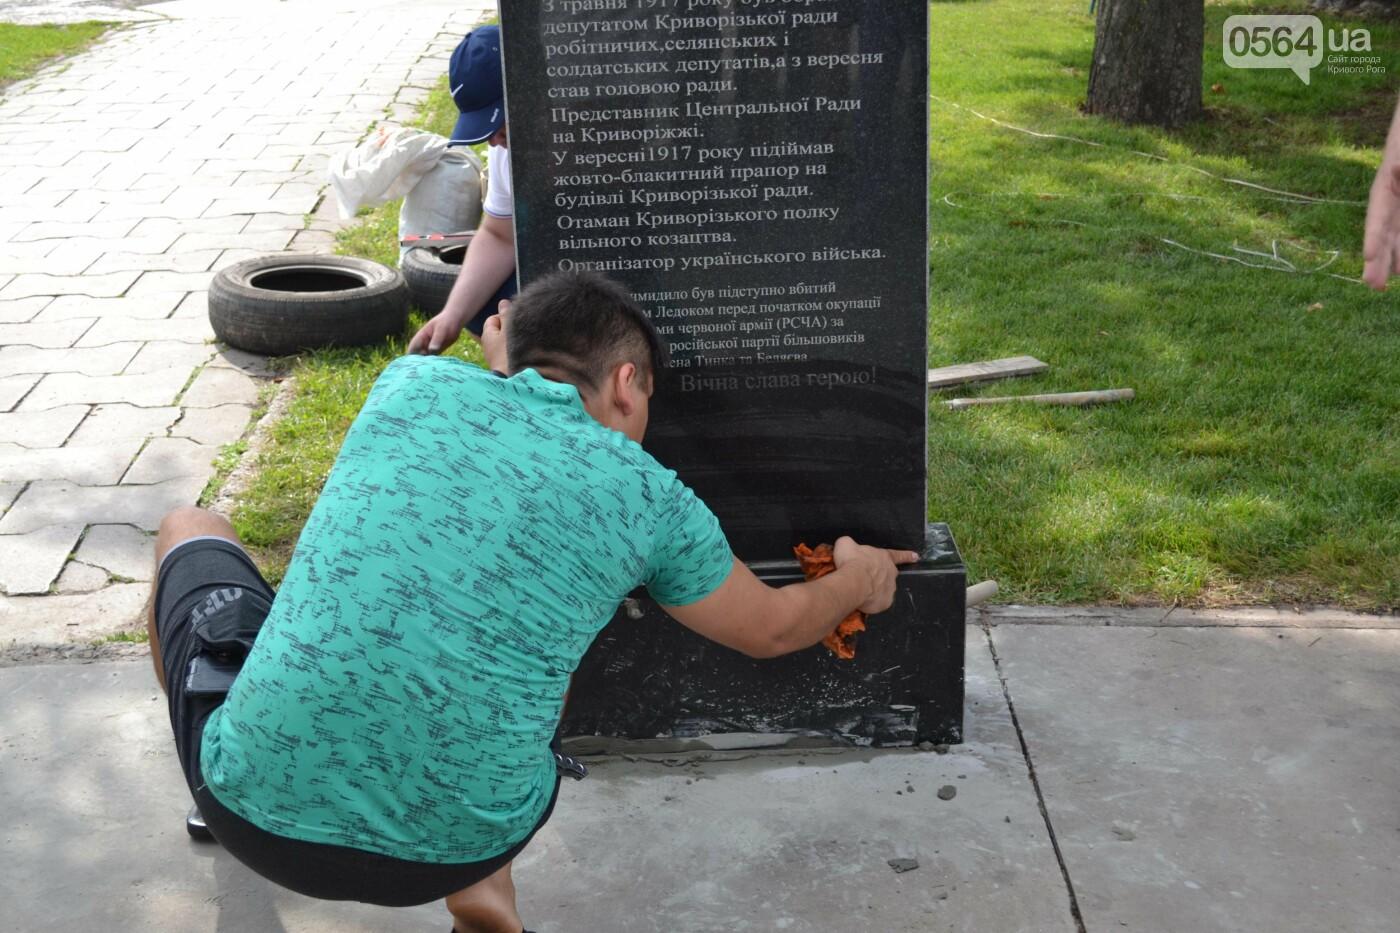 К 30-летию Независимости Украины в Кривом Роге установили мемориальную плиту в память о Корнее Речмидило, - ФОТО, ВИДЕО, фото-45